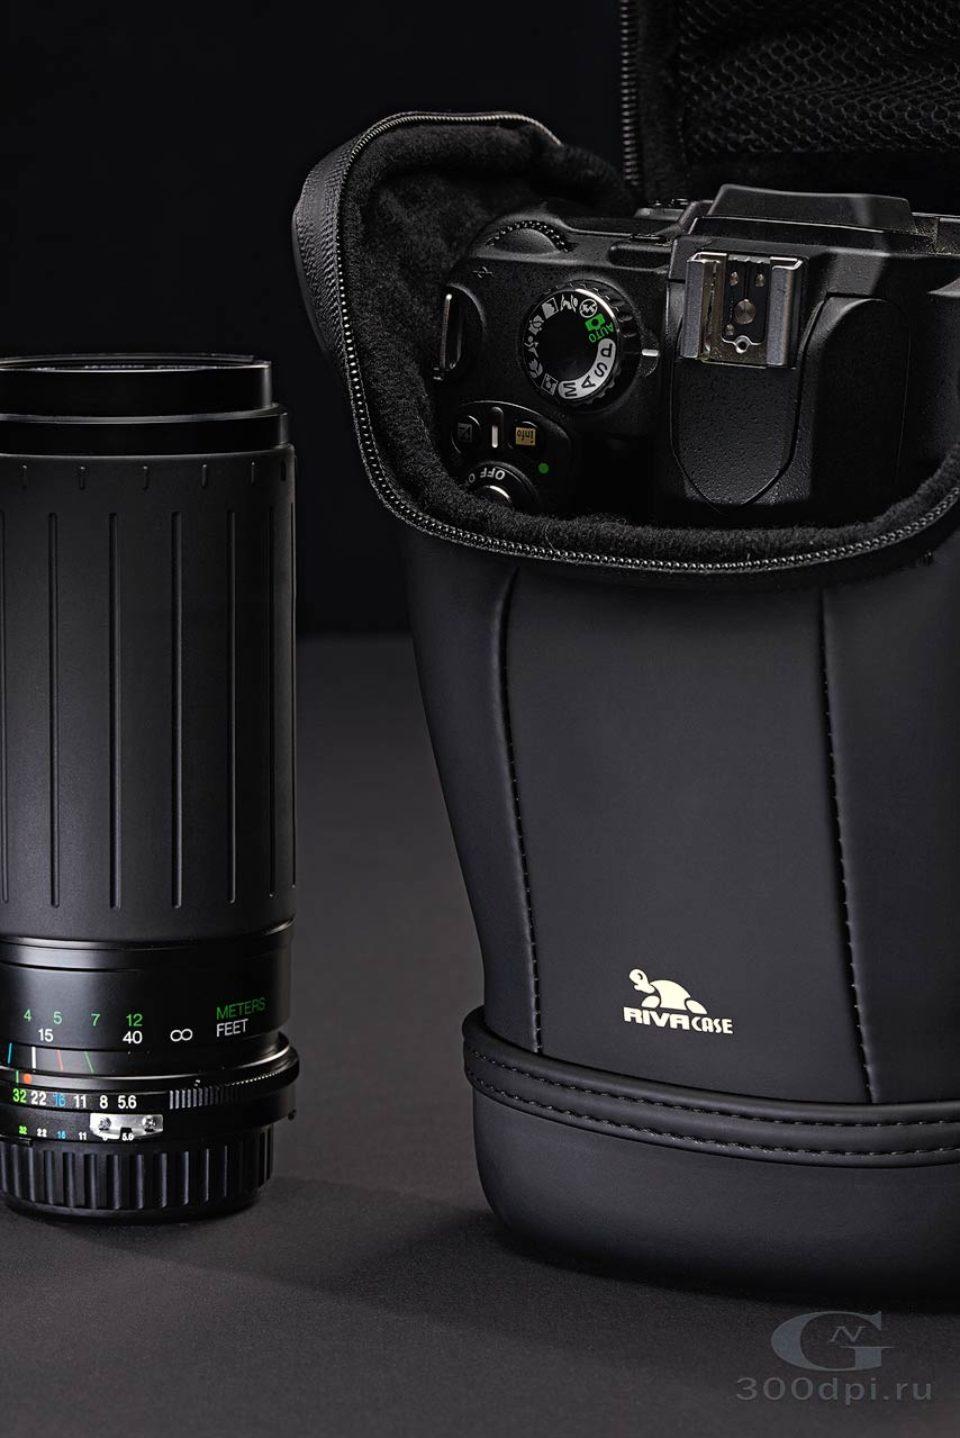 Пример съёмки чёрного на чёрном.